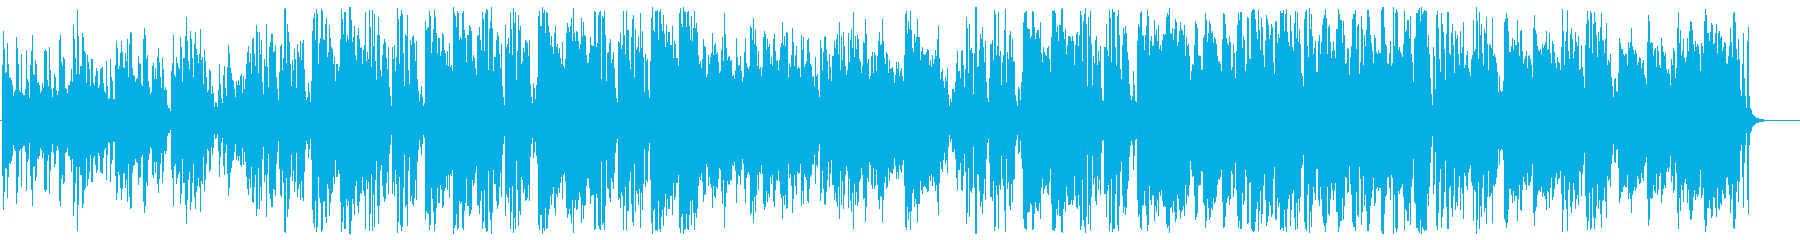 メルヘンで優しいシンセ木琴サウンドの再生済みの波形